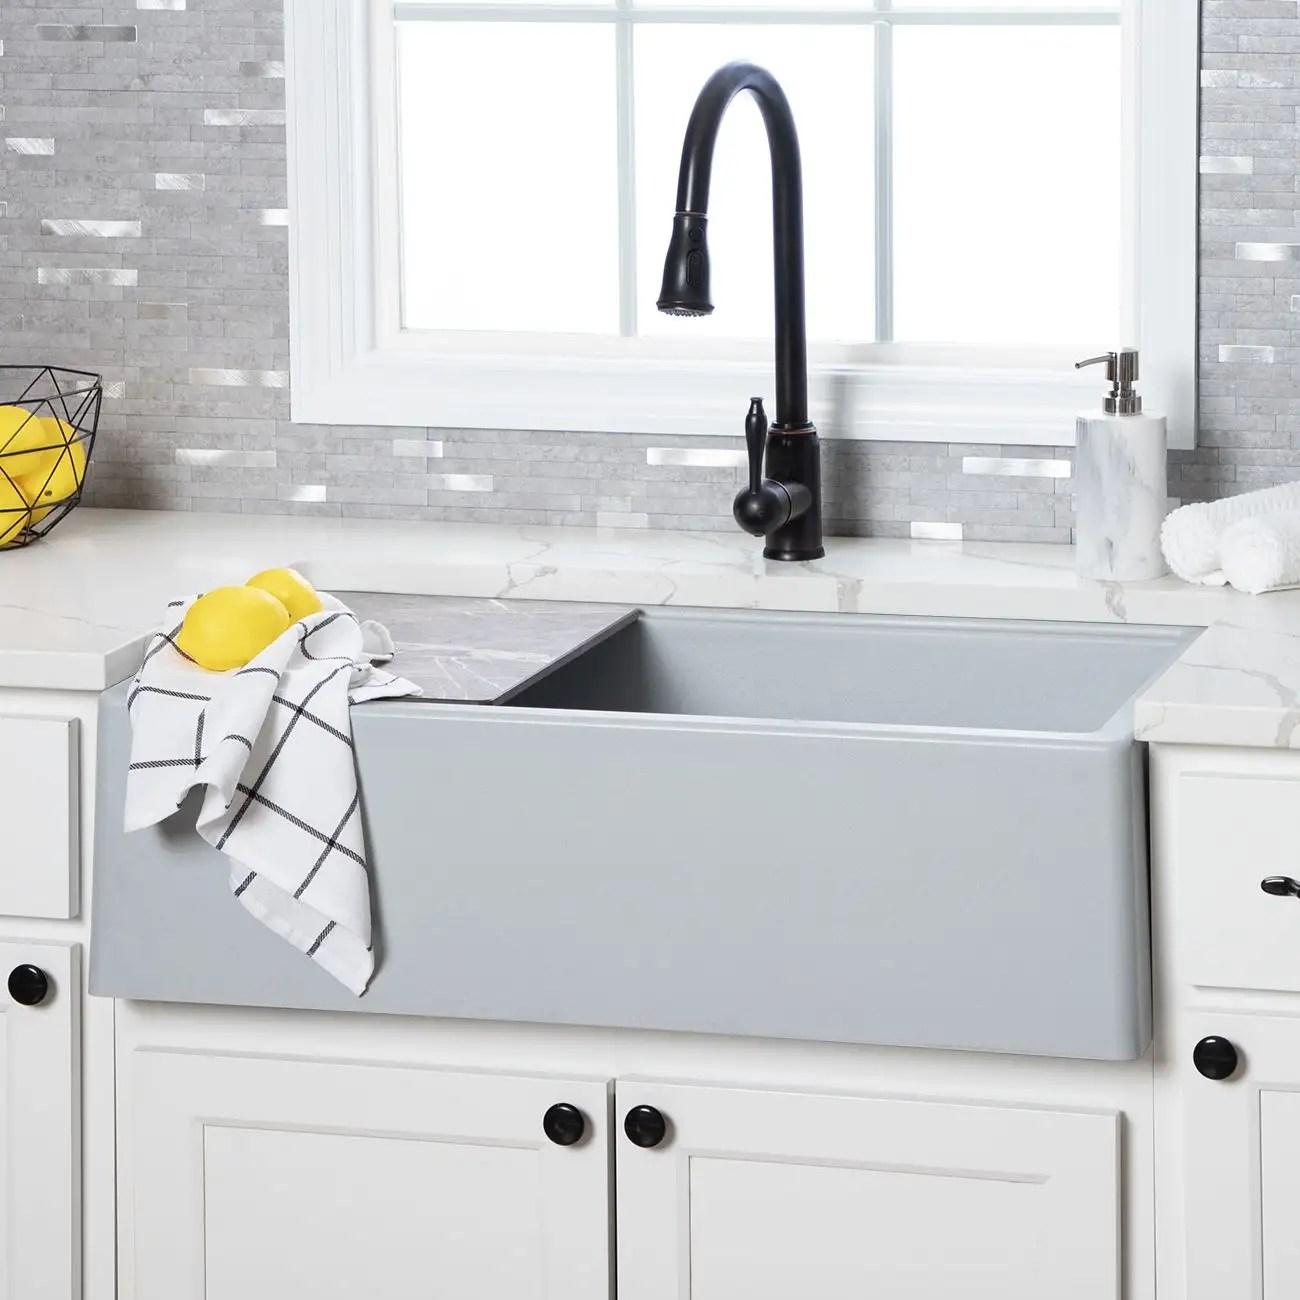 33 inch granite farmhouse sink